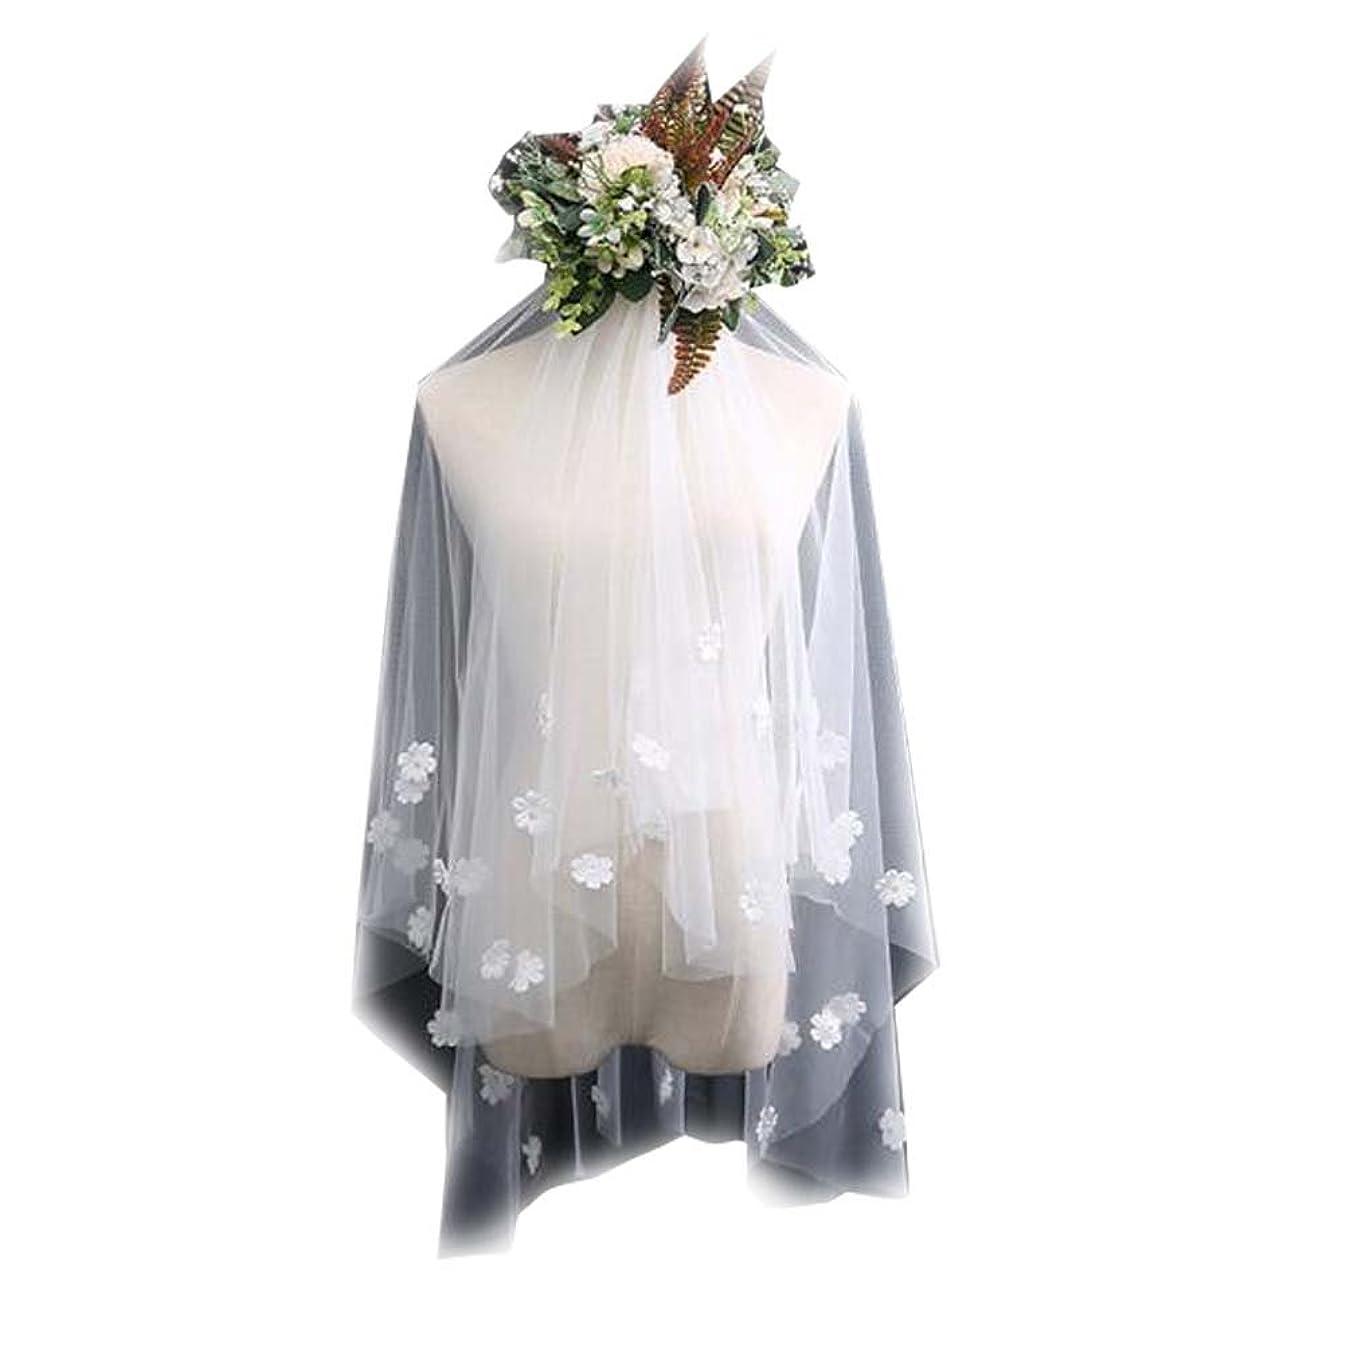 感染する神経障害カメラレースアップリケ#2でエレガントな結婚式のブライダルベール白のブライダルベール